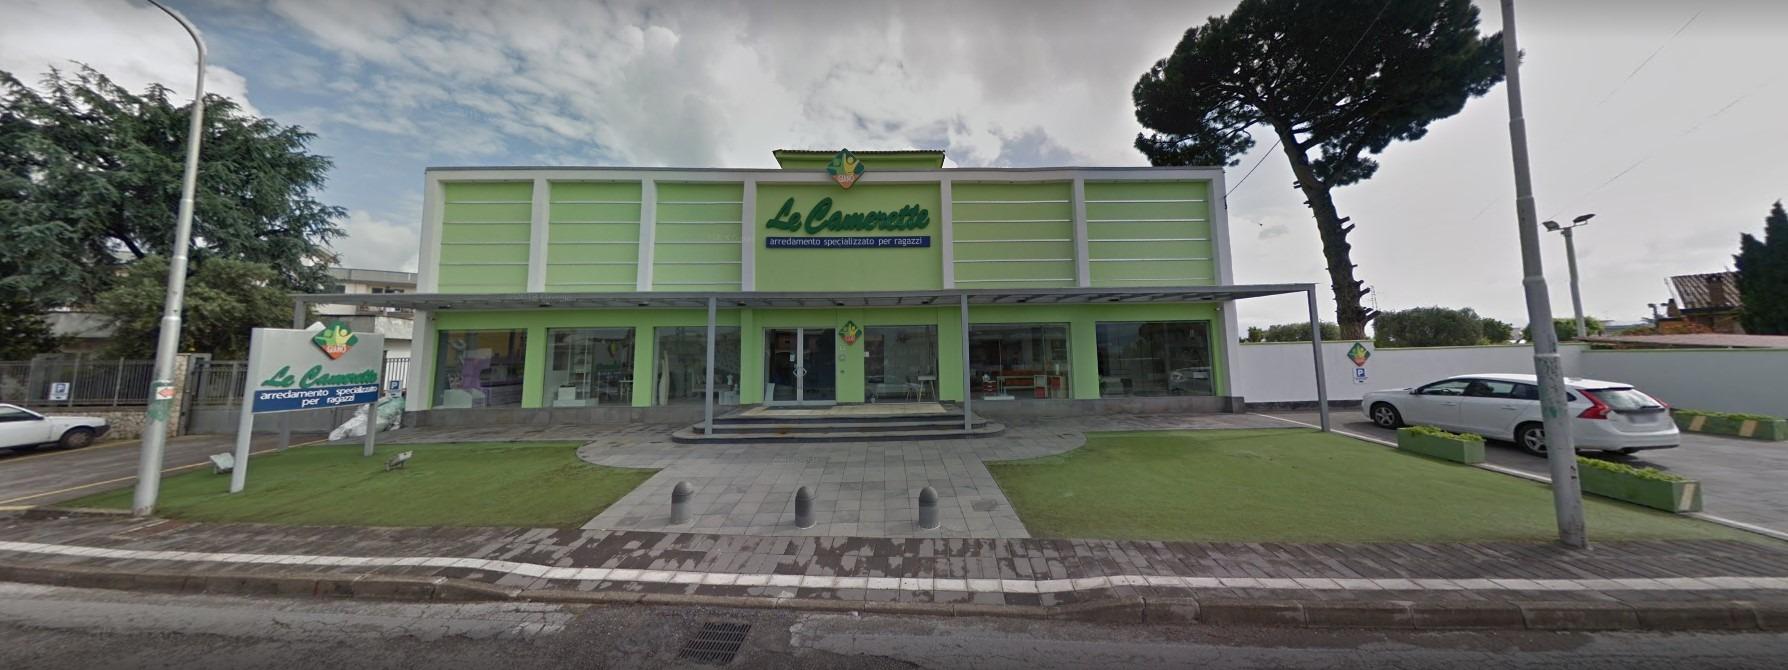 Mobili Avellino E Provincia giano s.r.l. scafati | rivenditori scandola salerno